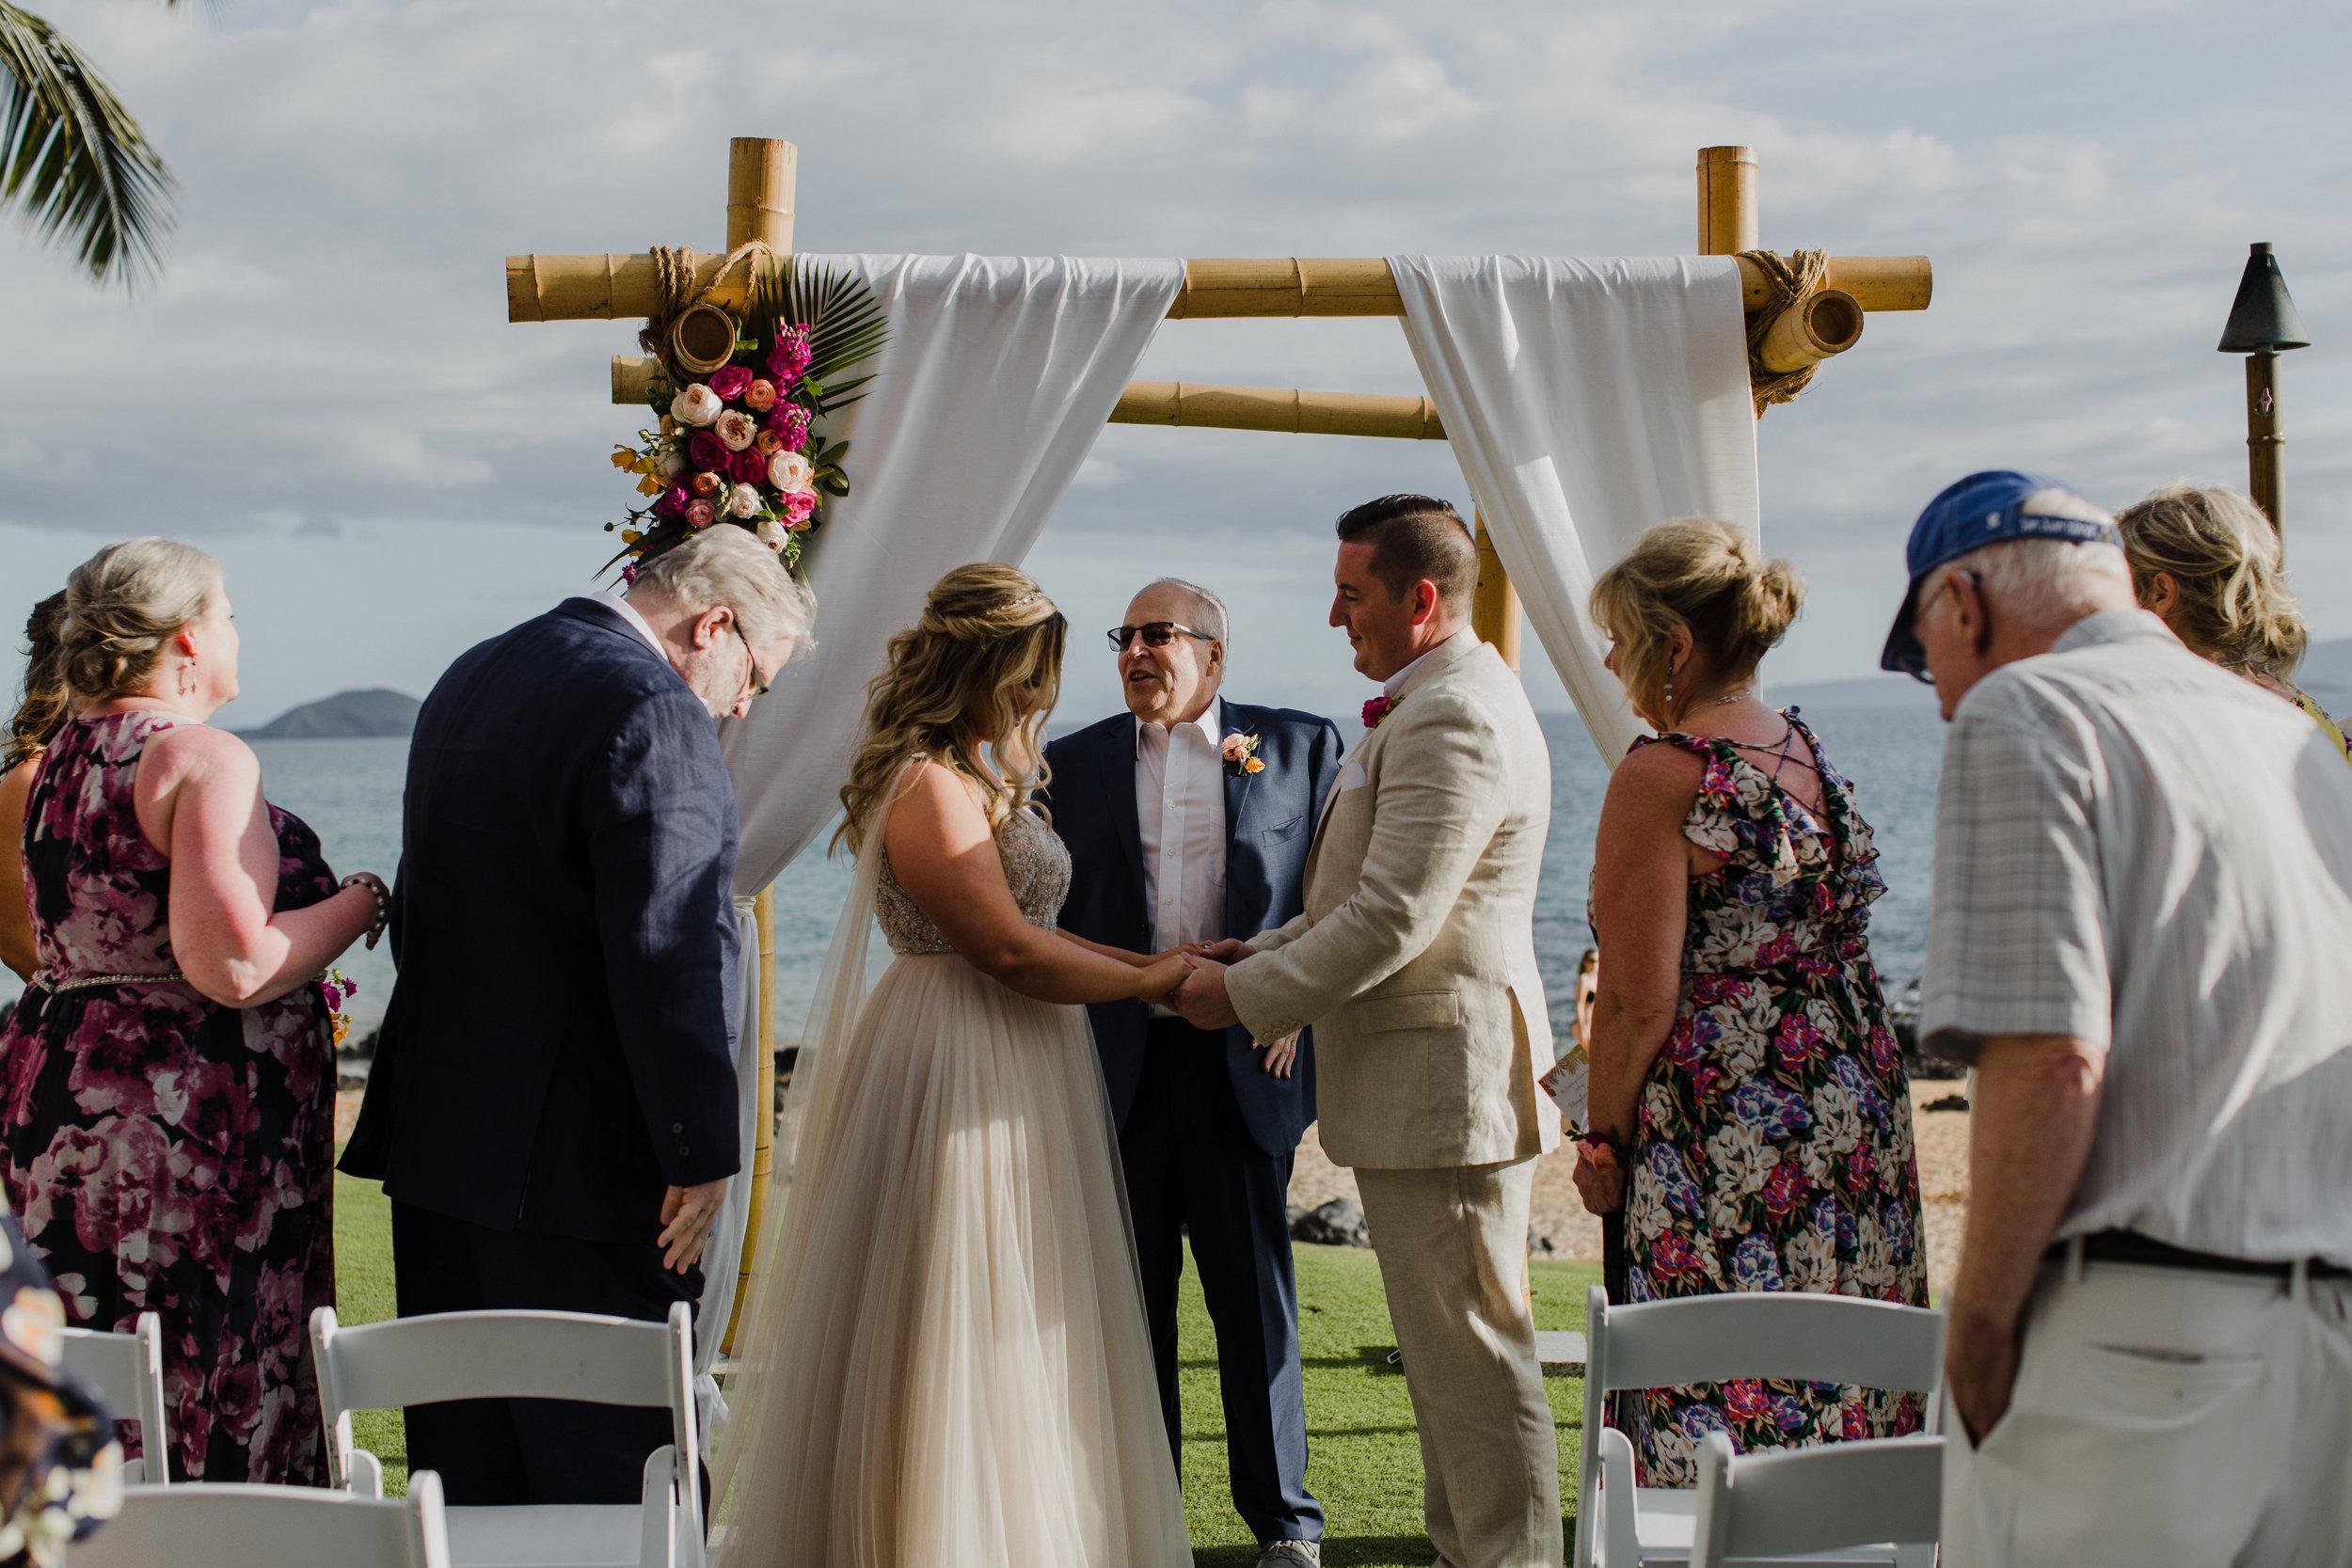 Stephanie-Betsill-Photography-Maui-Photographer-Hawaii-Wedding-Photographer-0681.jpg